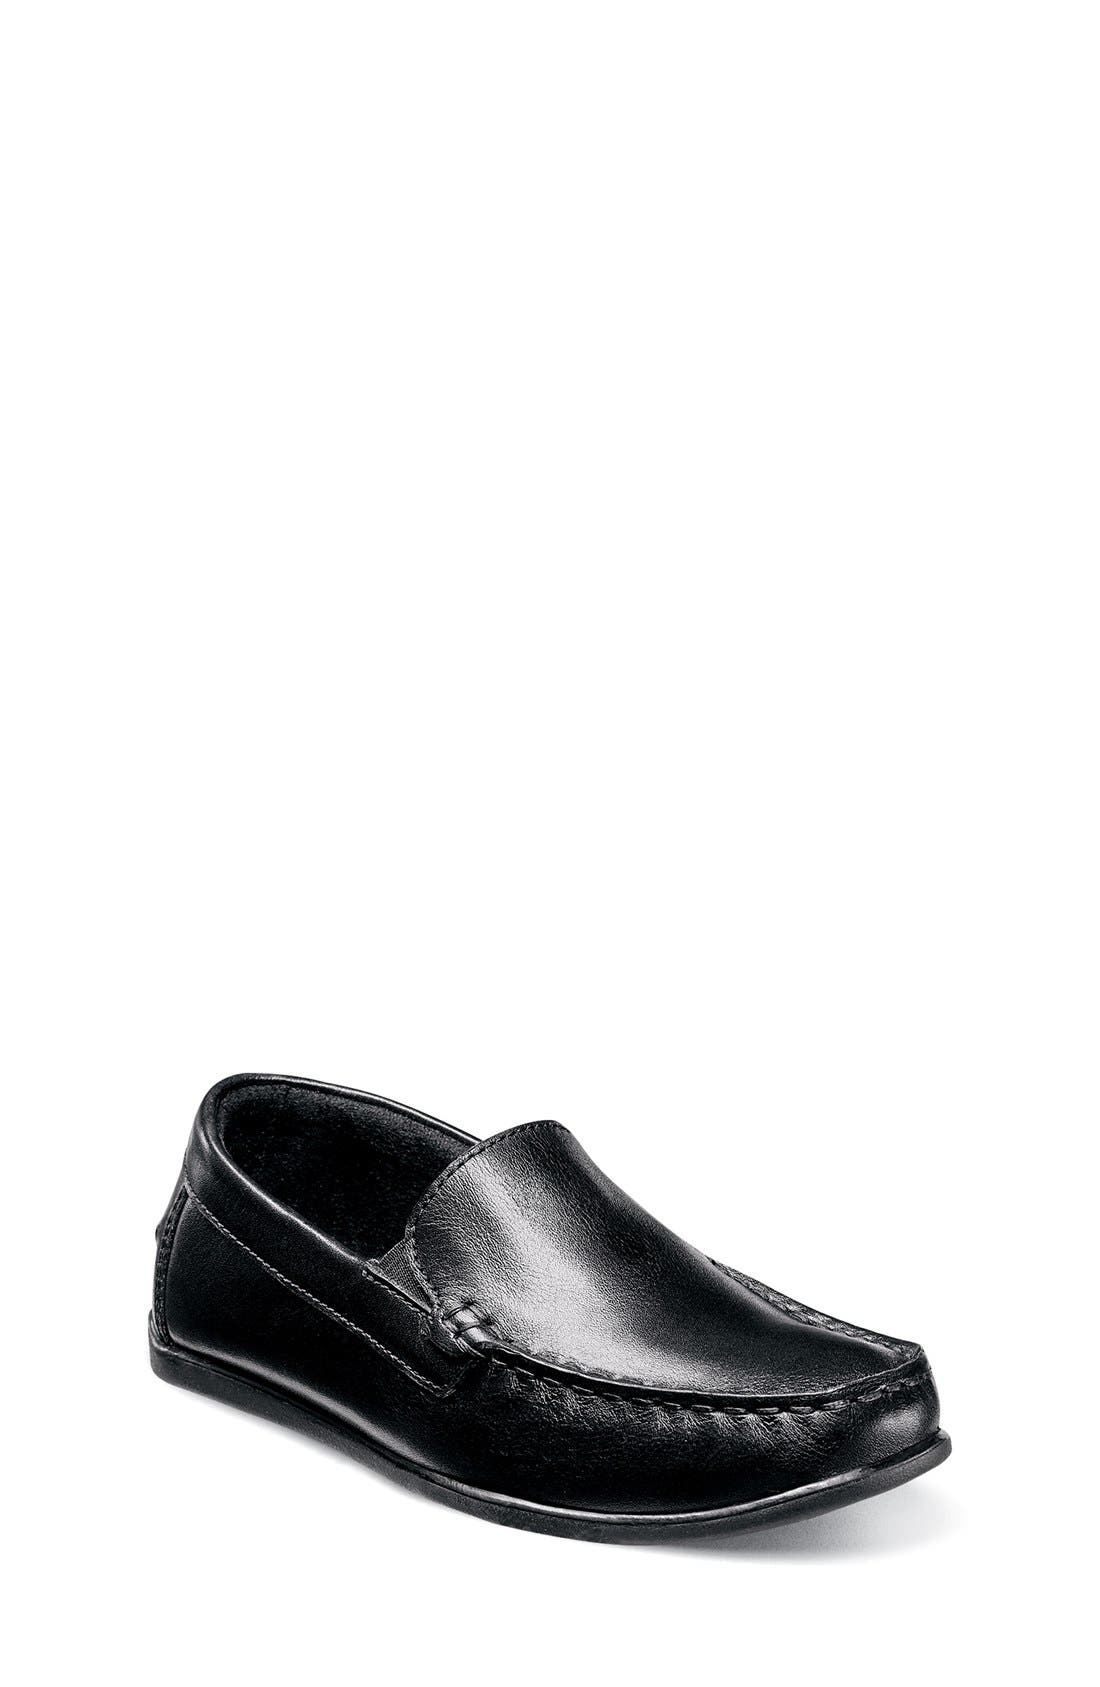 FLORSHEIM 'Jasper - Venetian Jr.' Loafer, Main, color, BLACK LEATHER